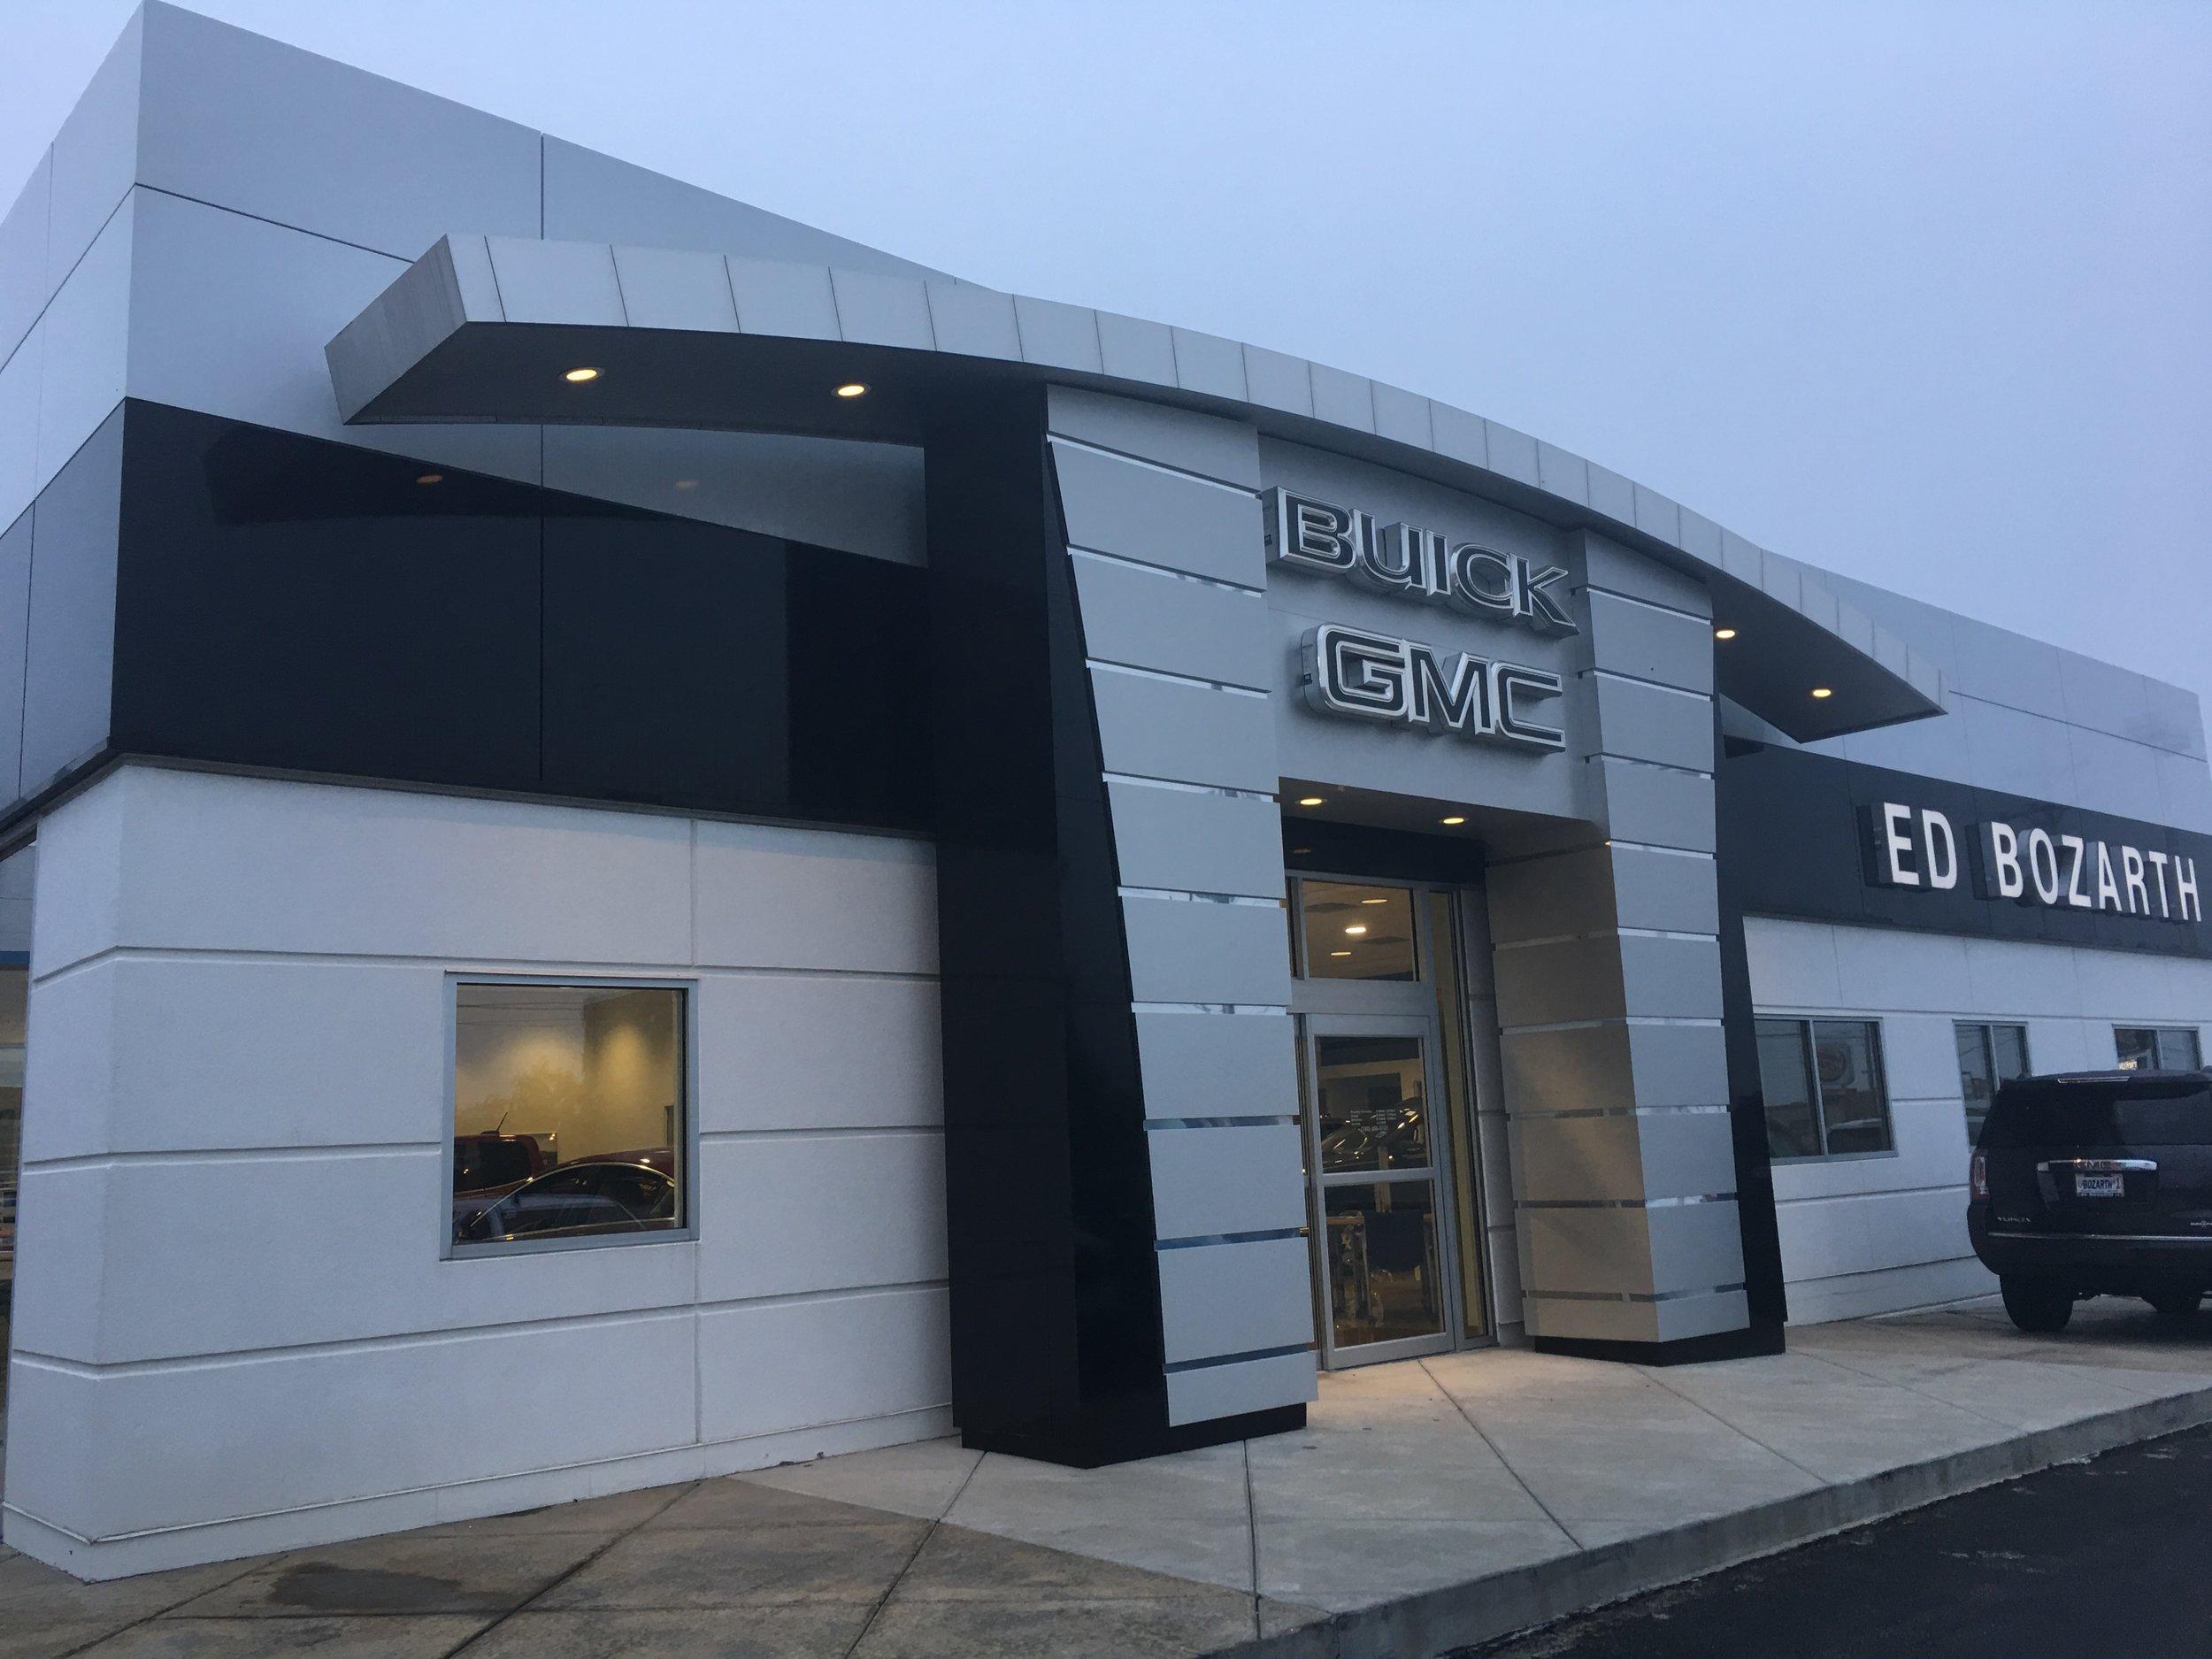 Ed Bozarth Buick / GMC   Client: Ed Bozarth Automotive Architect: Architect One P.A.